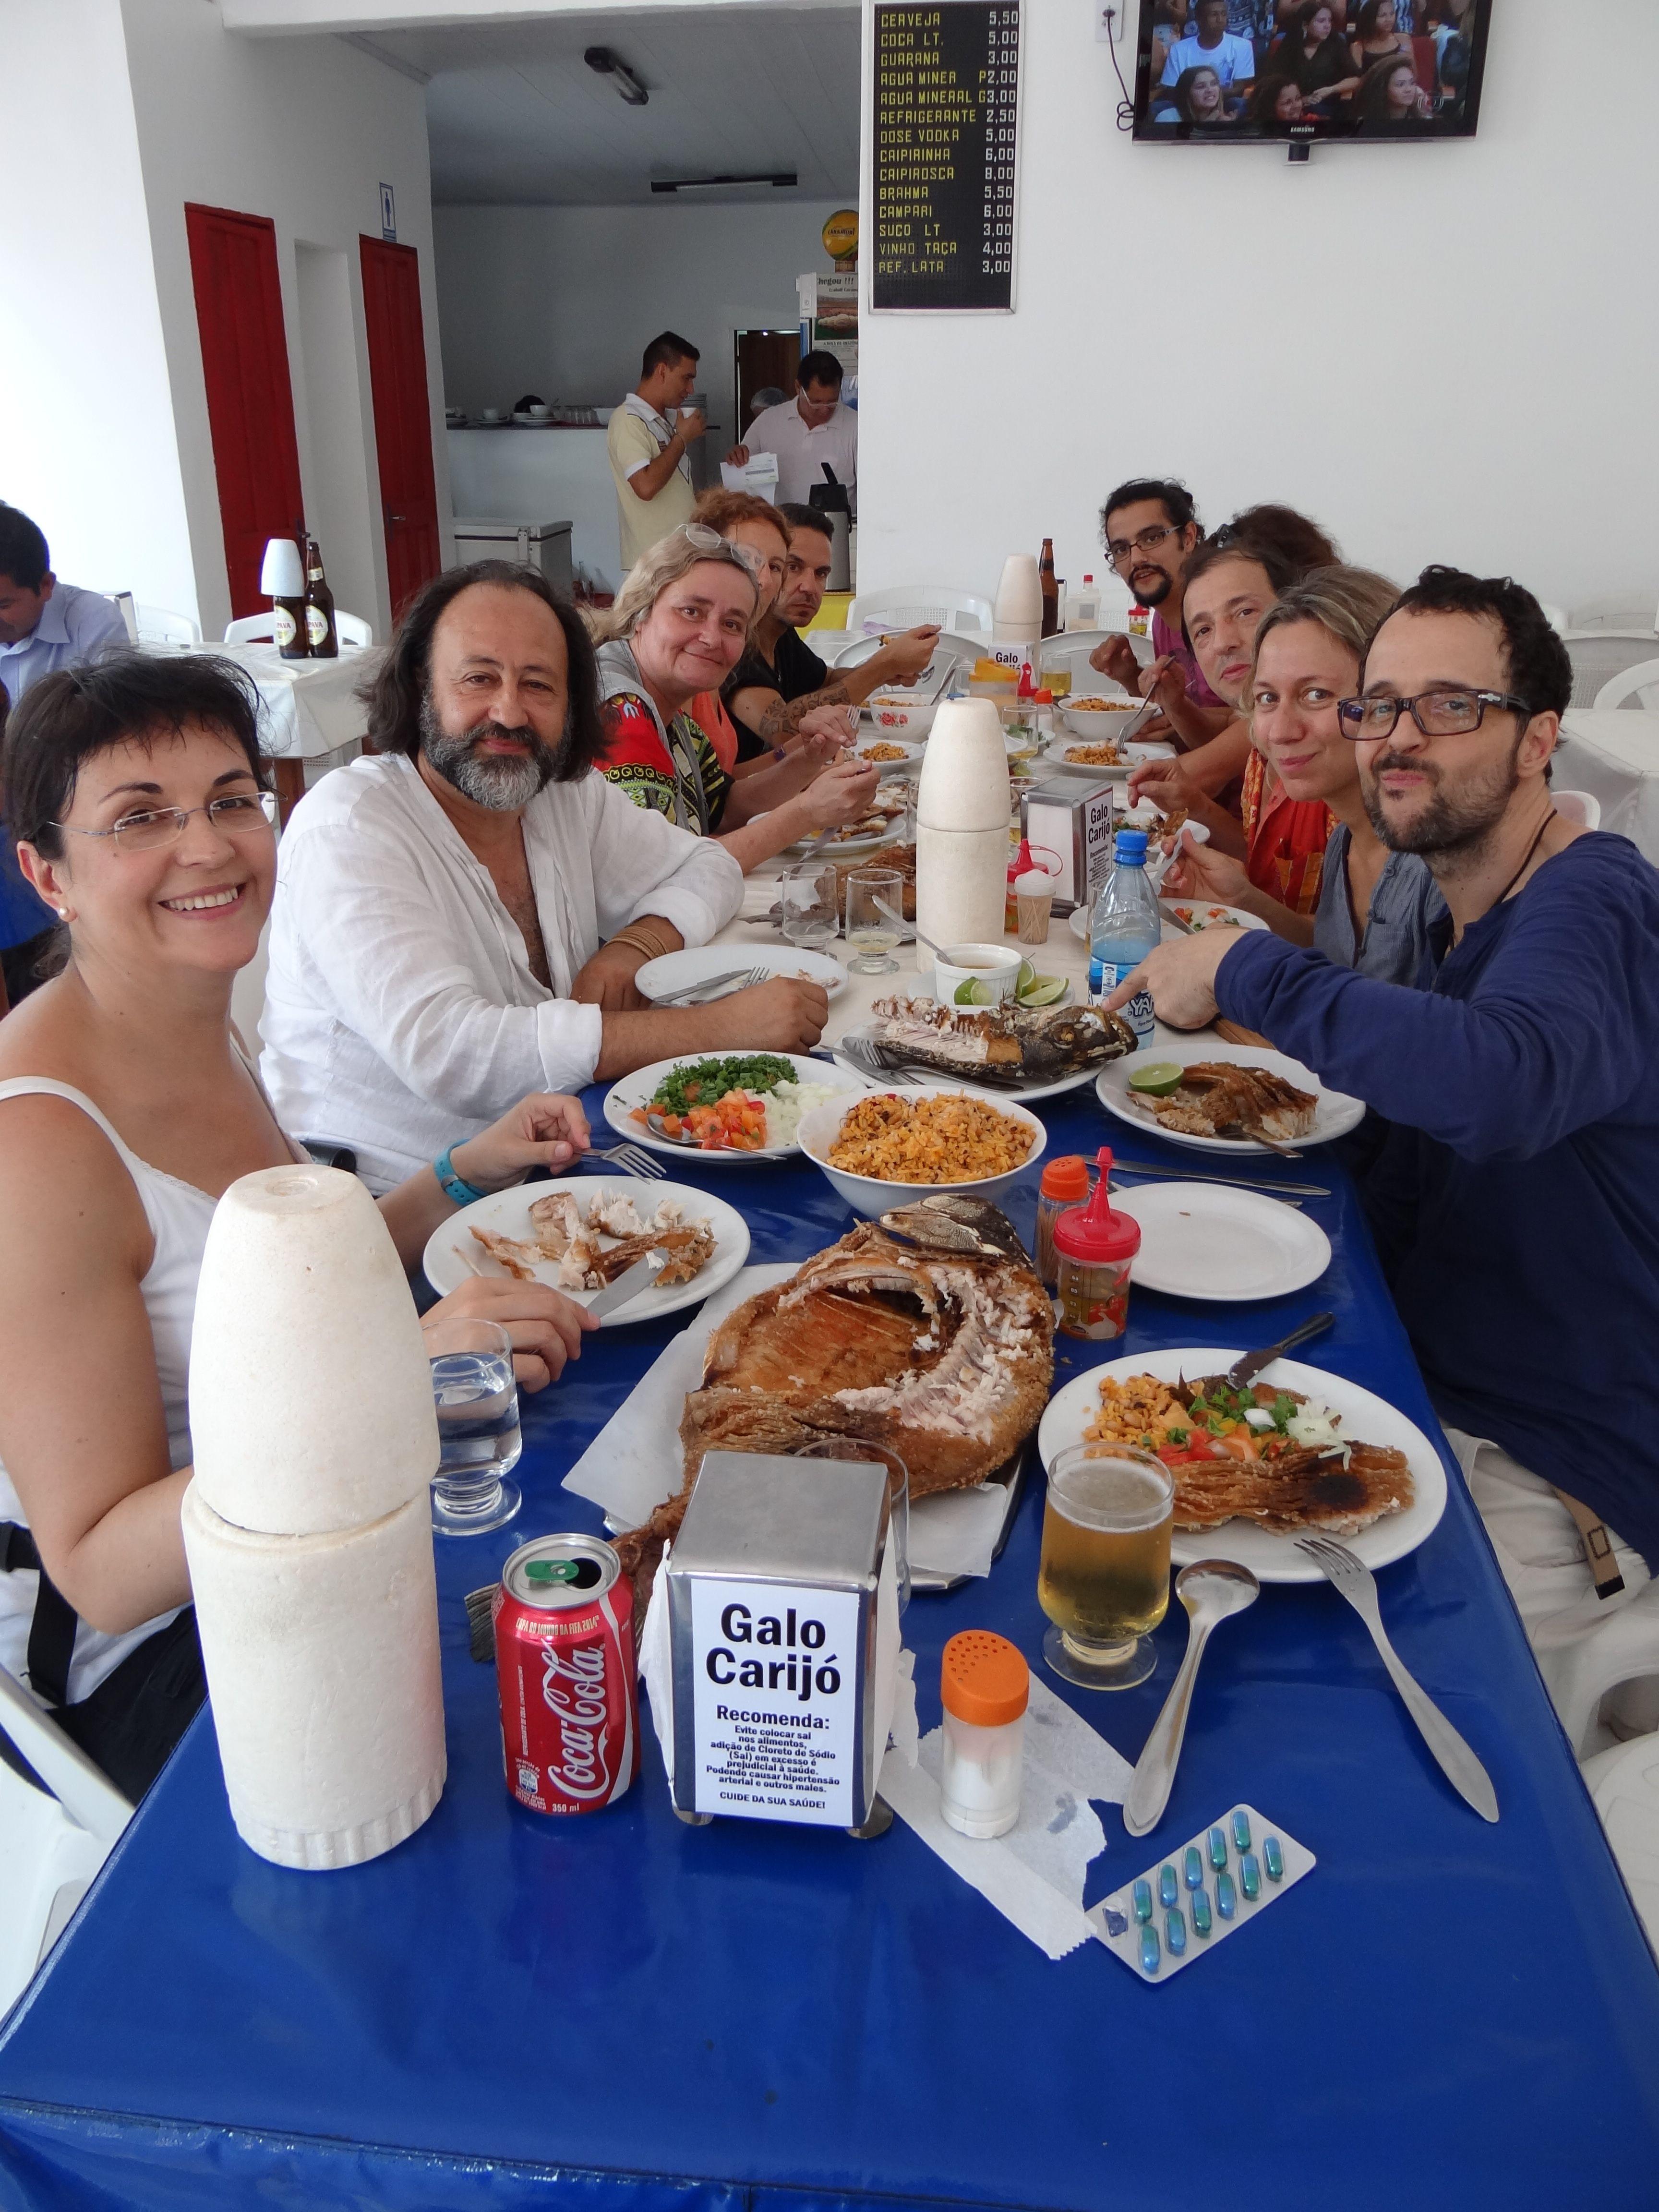 ExpedicionAmazonia42_CIPOCompany